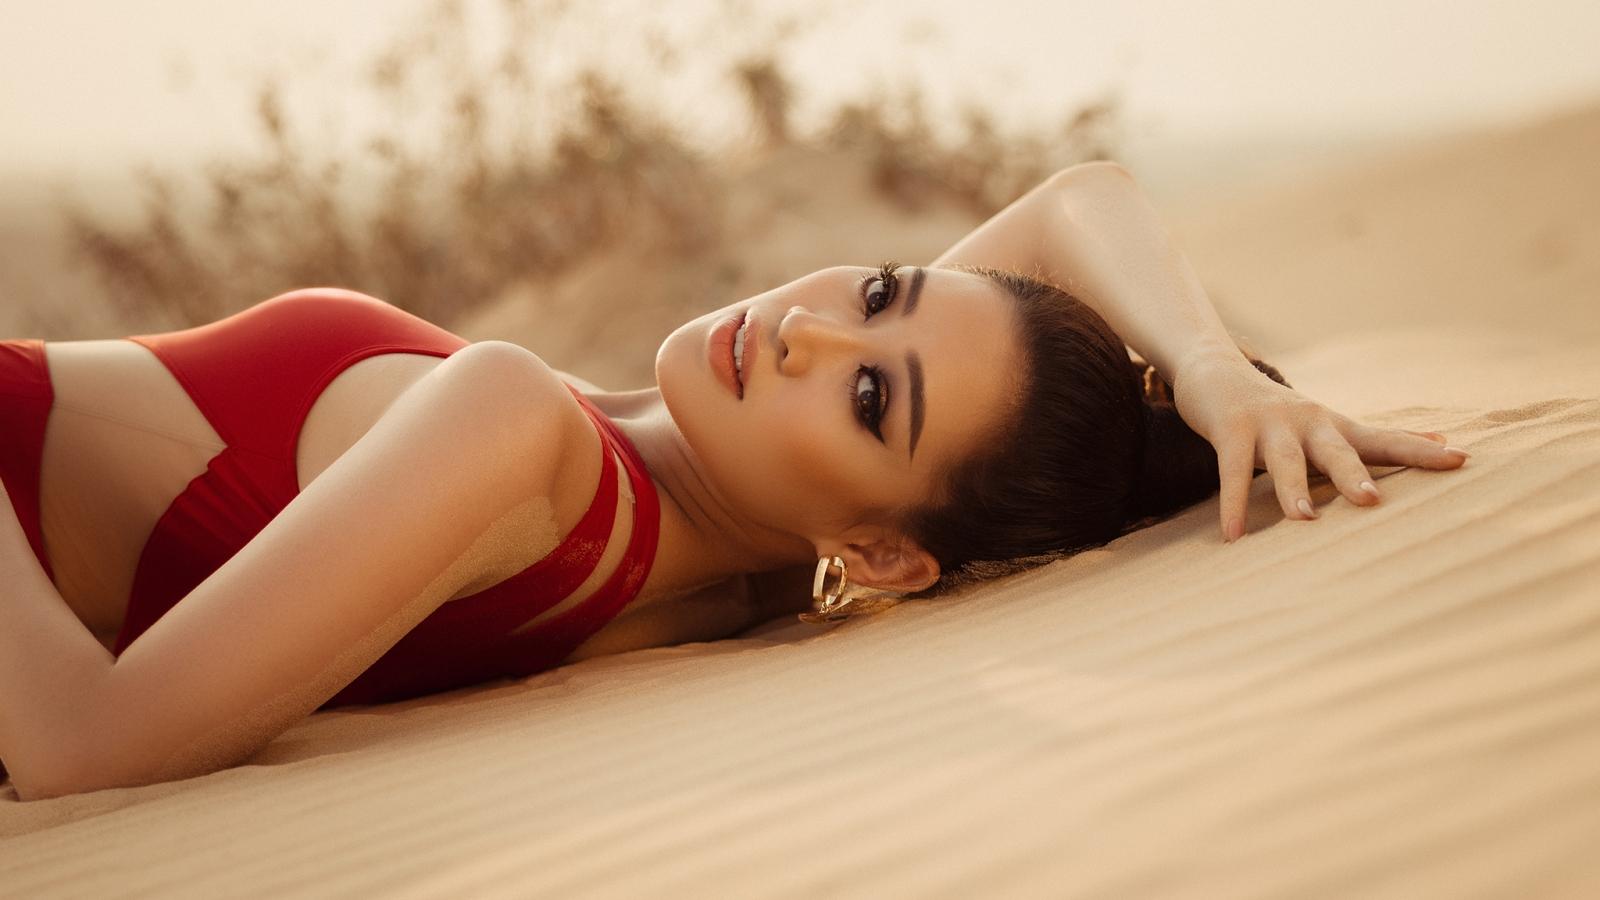 Hoa hậu Khánh Vân khoe vóc dáng nóng bỏng trong bộ ảnh bikini mới